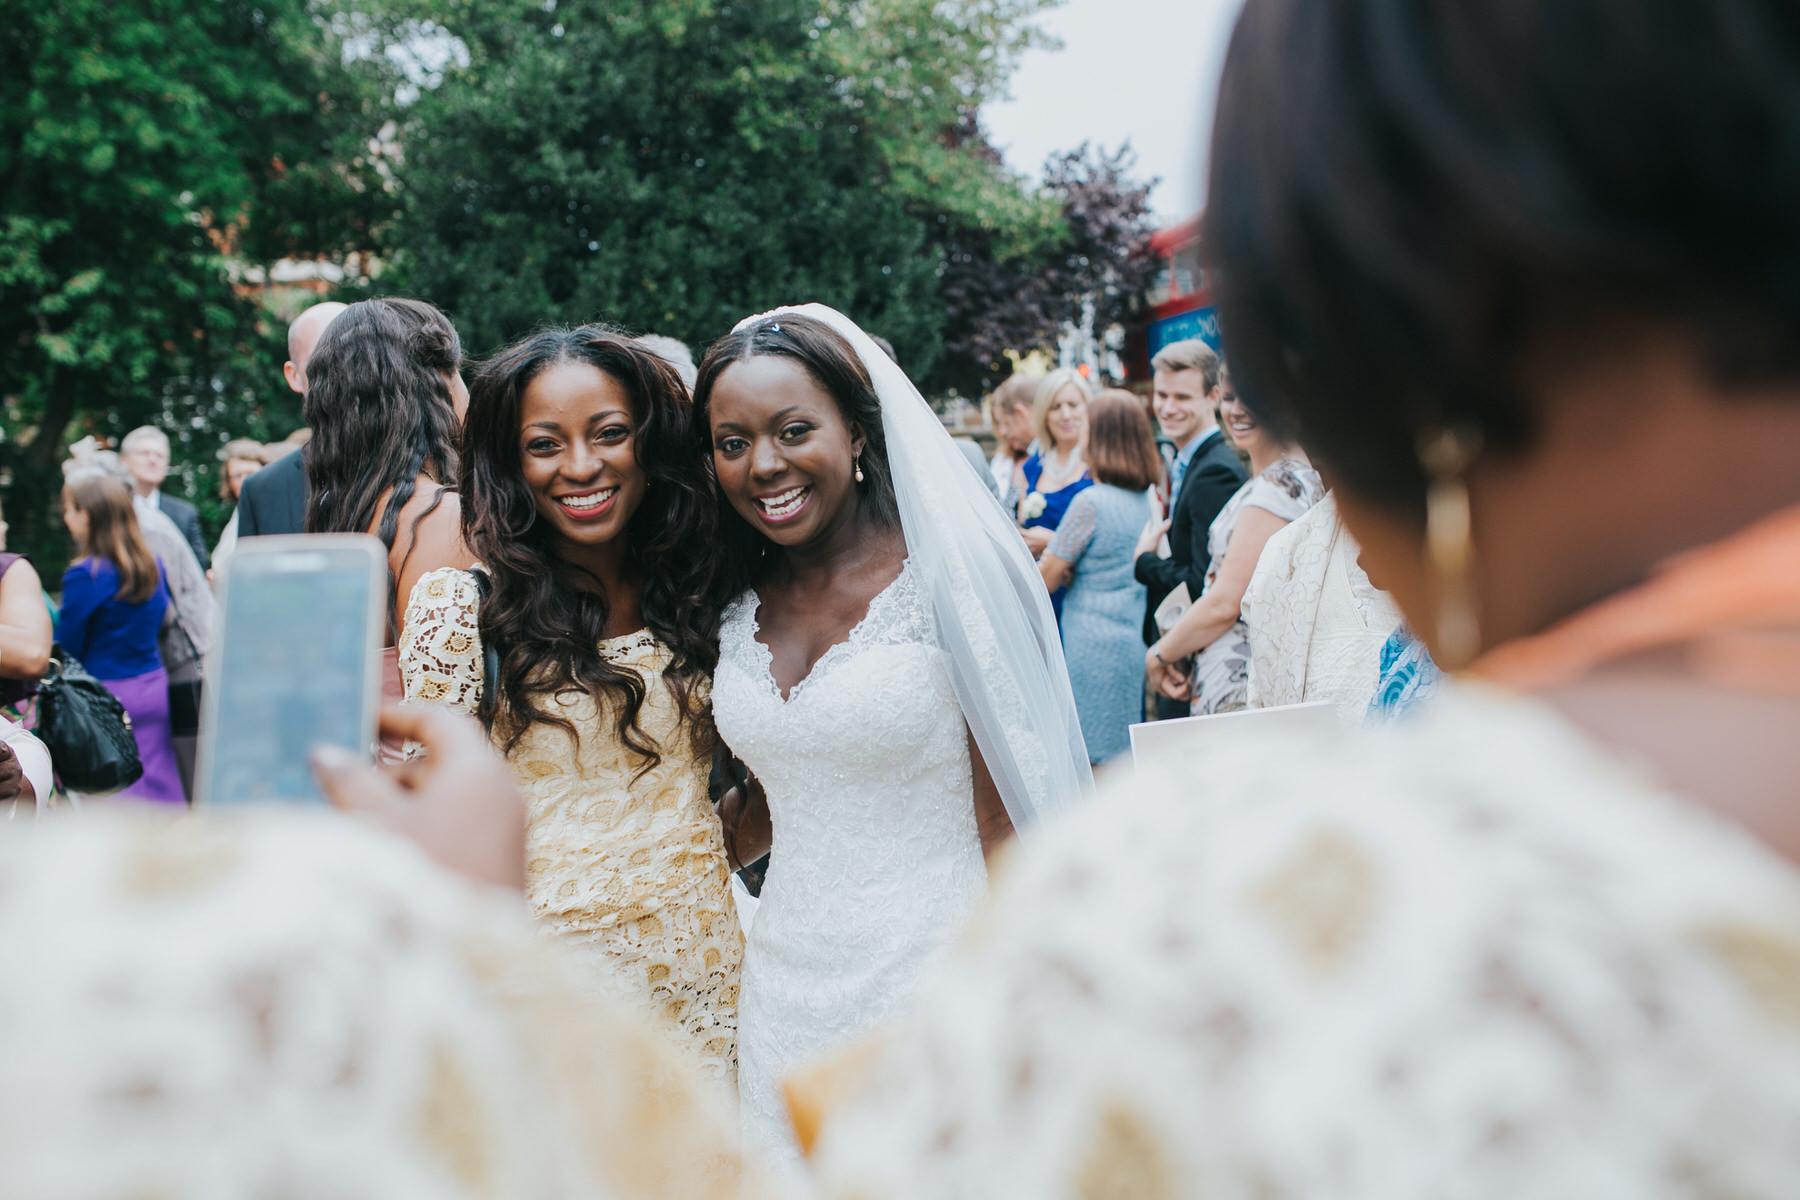 131 bride posing with bridesmaid reportage photography.jpg